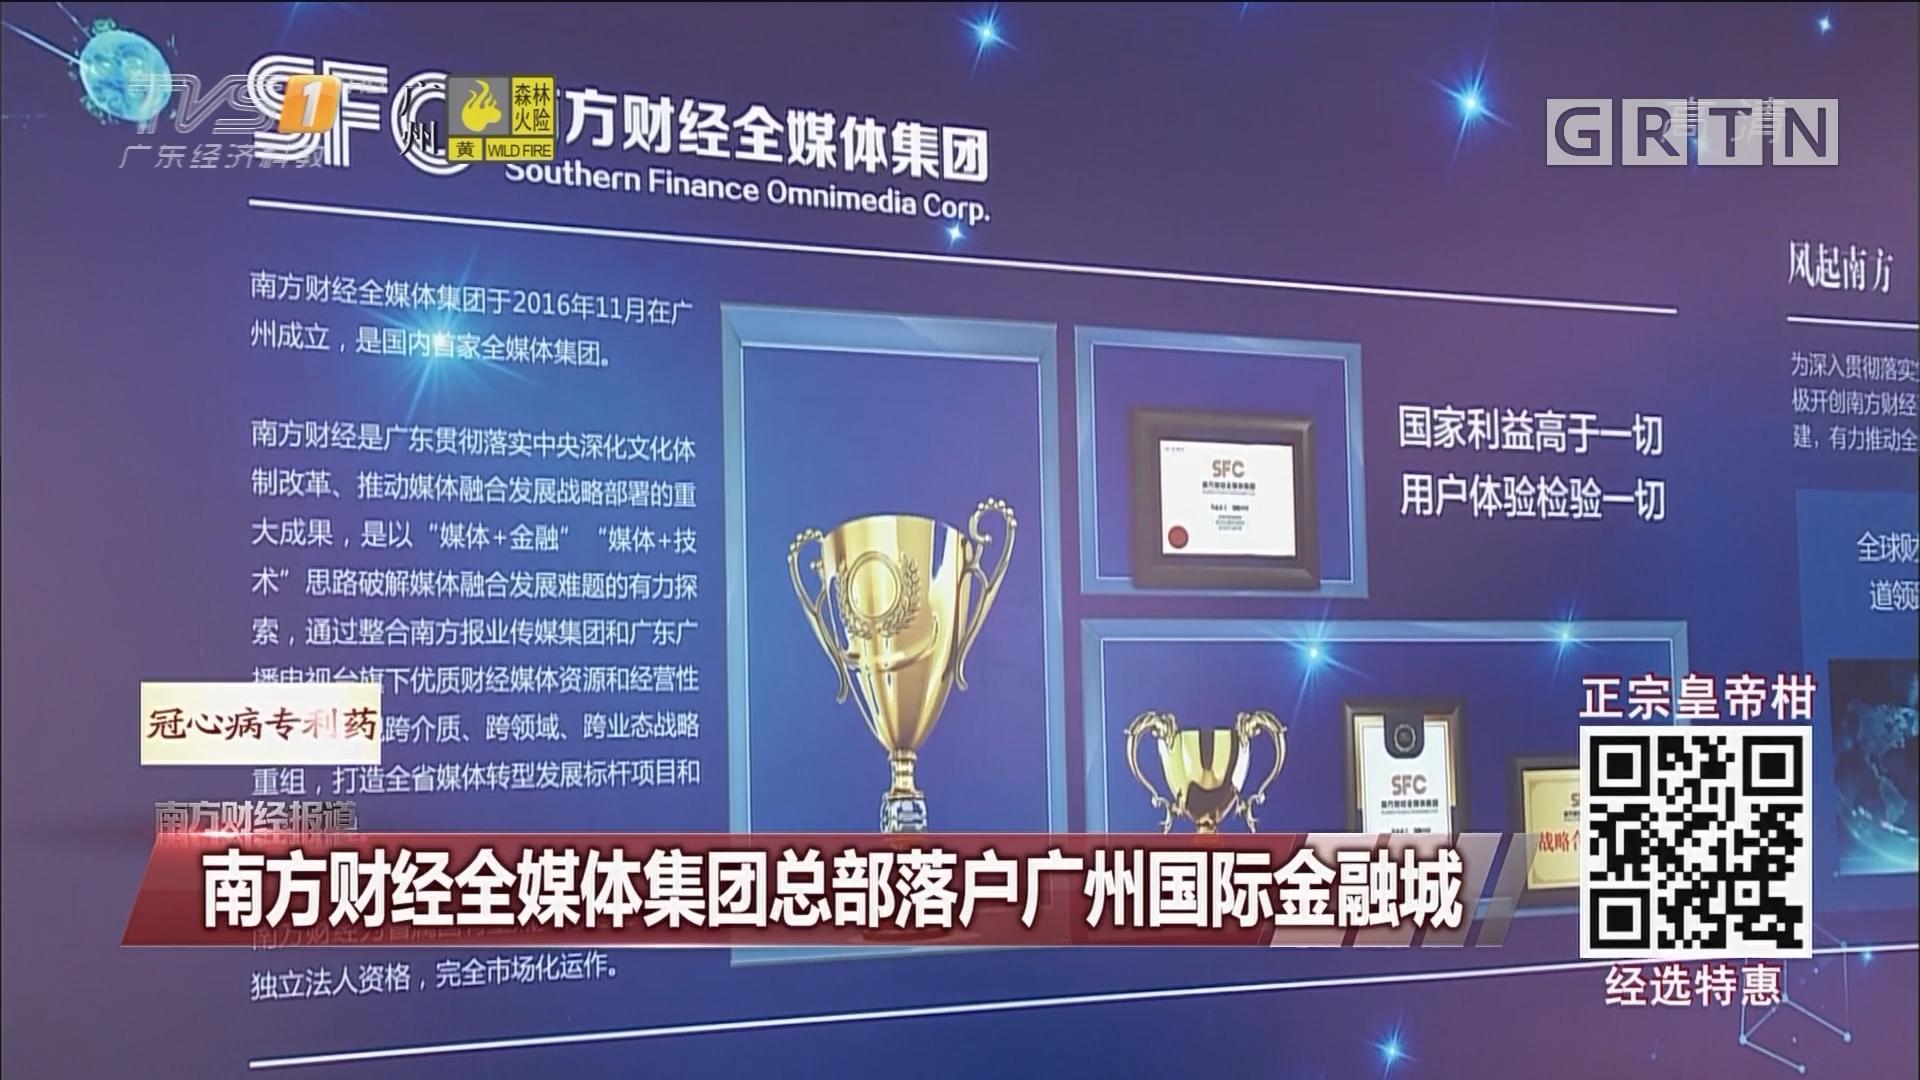 南方财经全媒体集团总部落户广州国际金融城